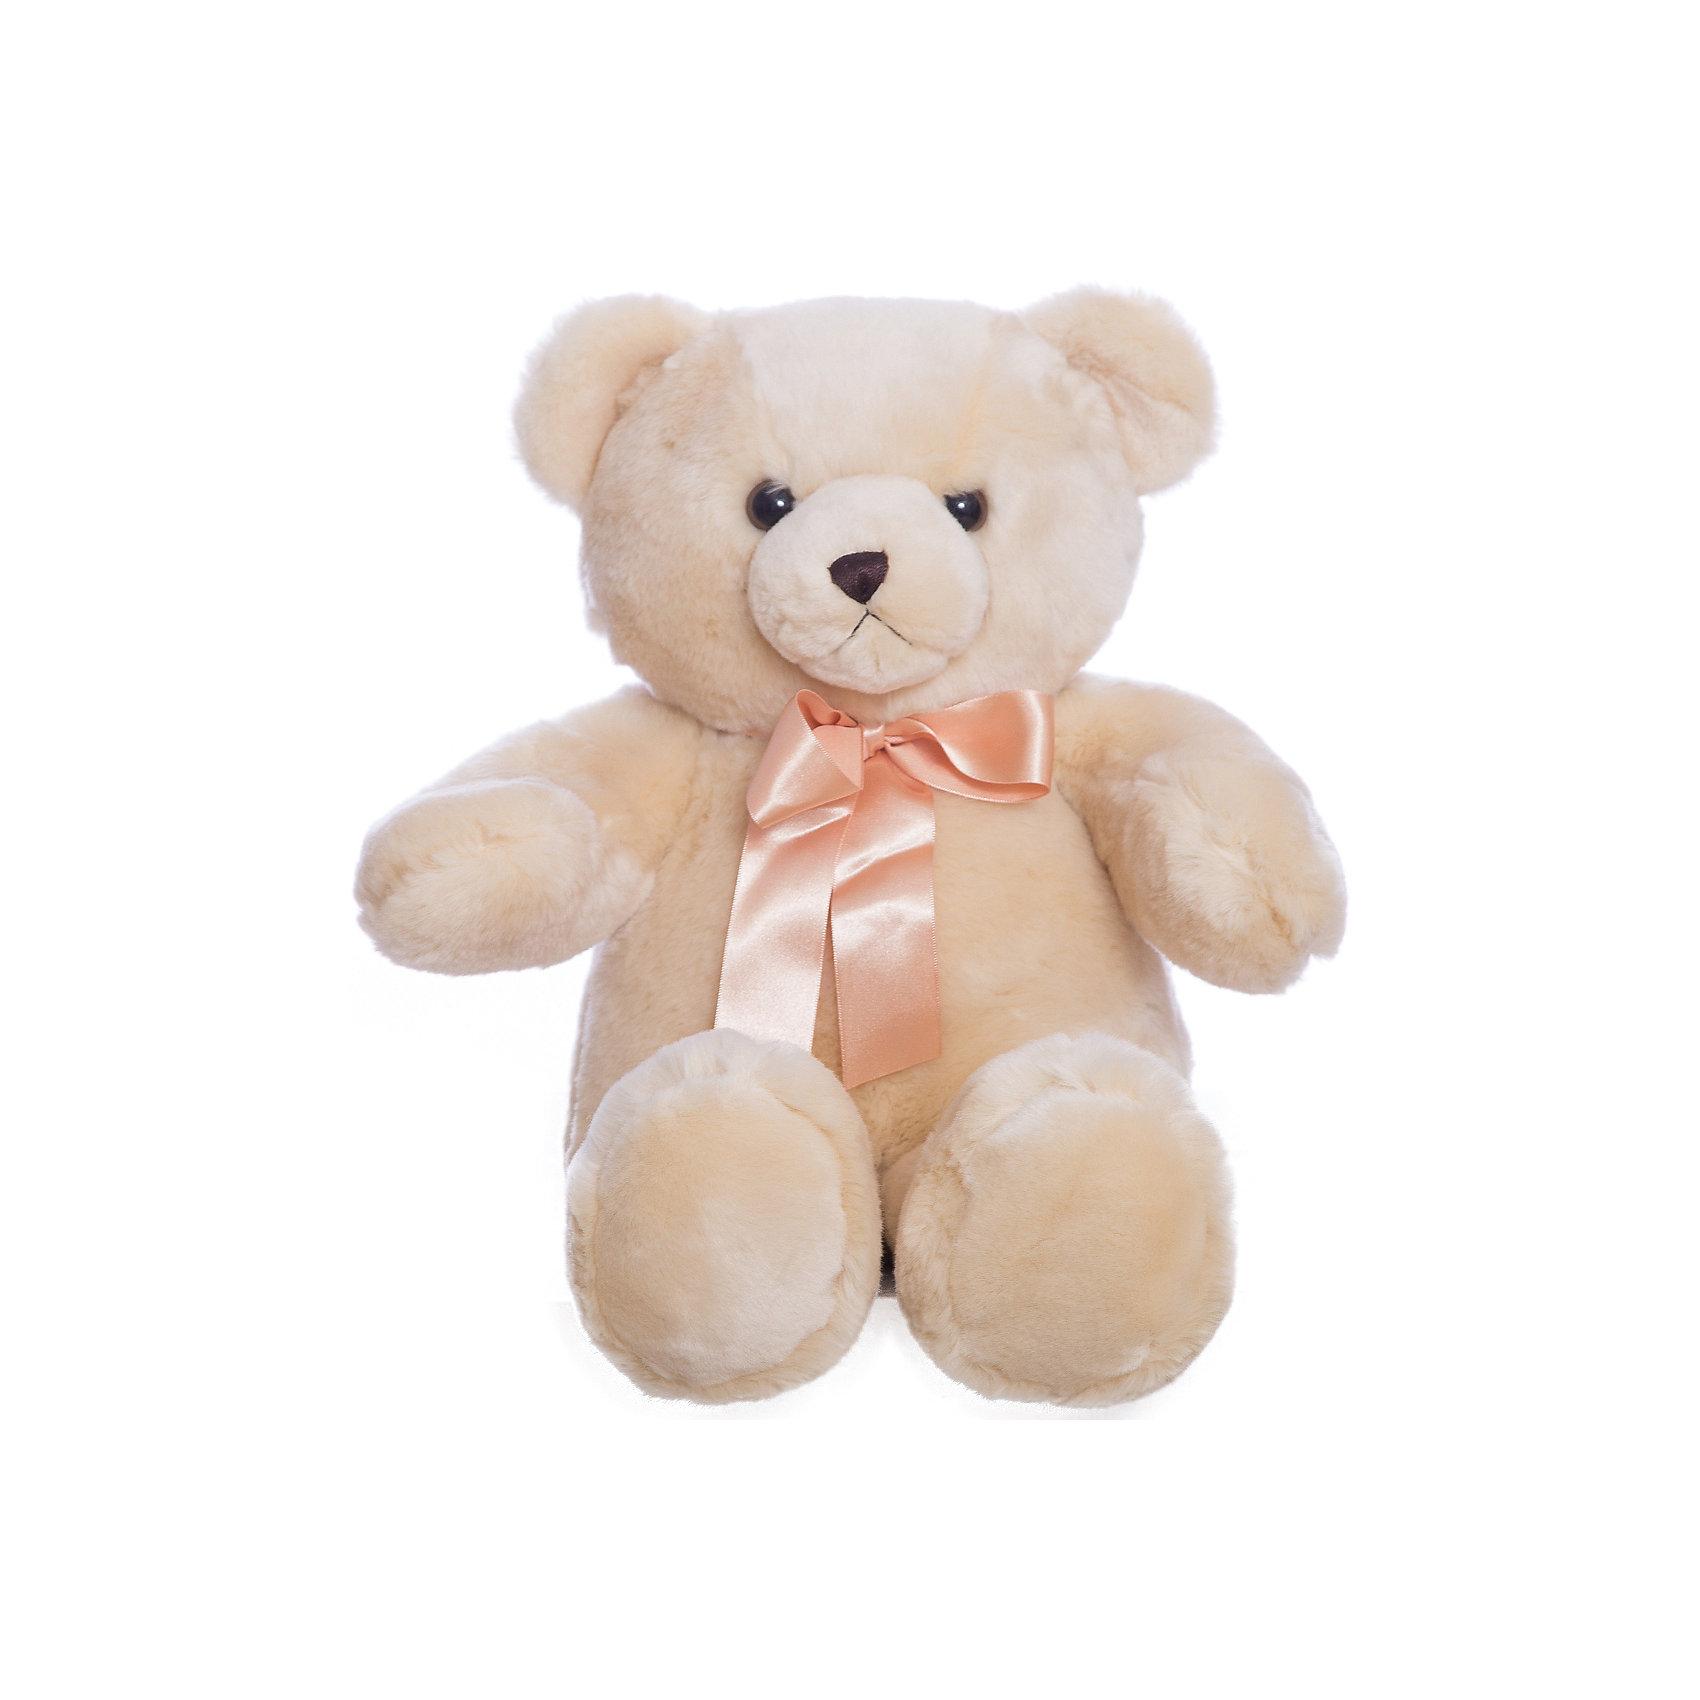 AURORA AURORA Мягкая игрушка Медведь, 56 см aurora 11 355 аврора медведь 56 см